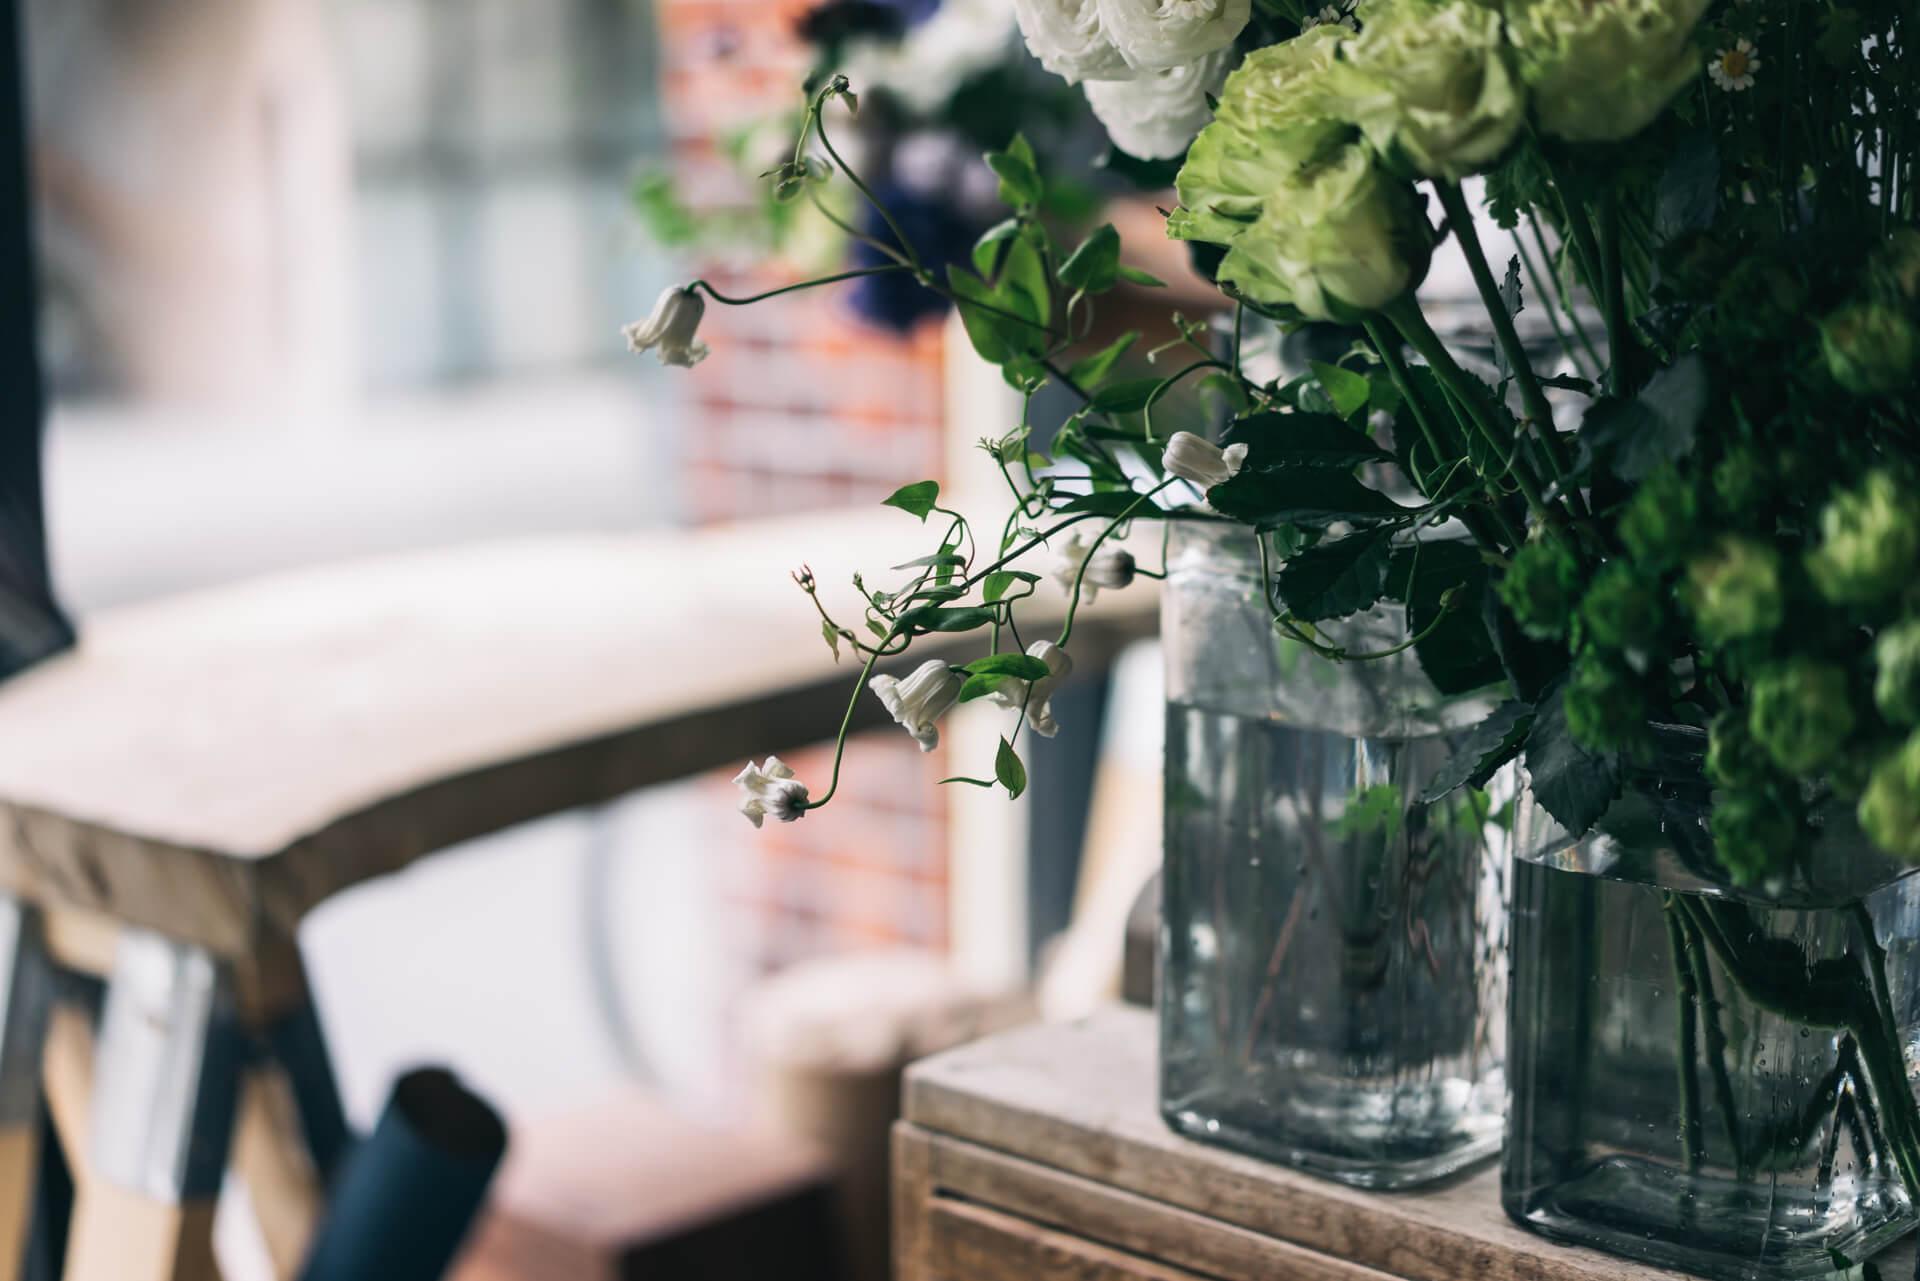 クレマチスは渋谷花卉園さんのもの。クレマチスの切り花専門の生産者さんです。